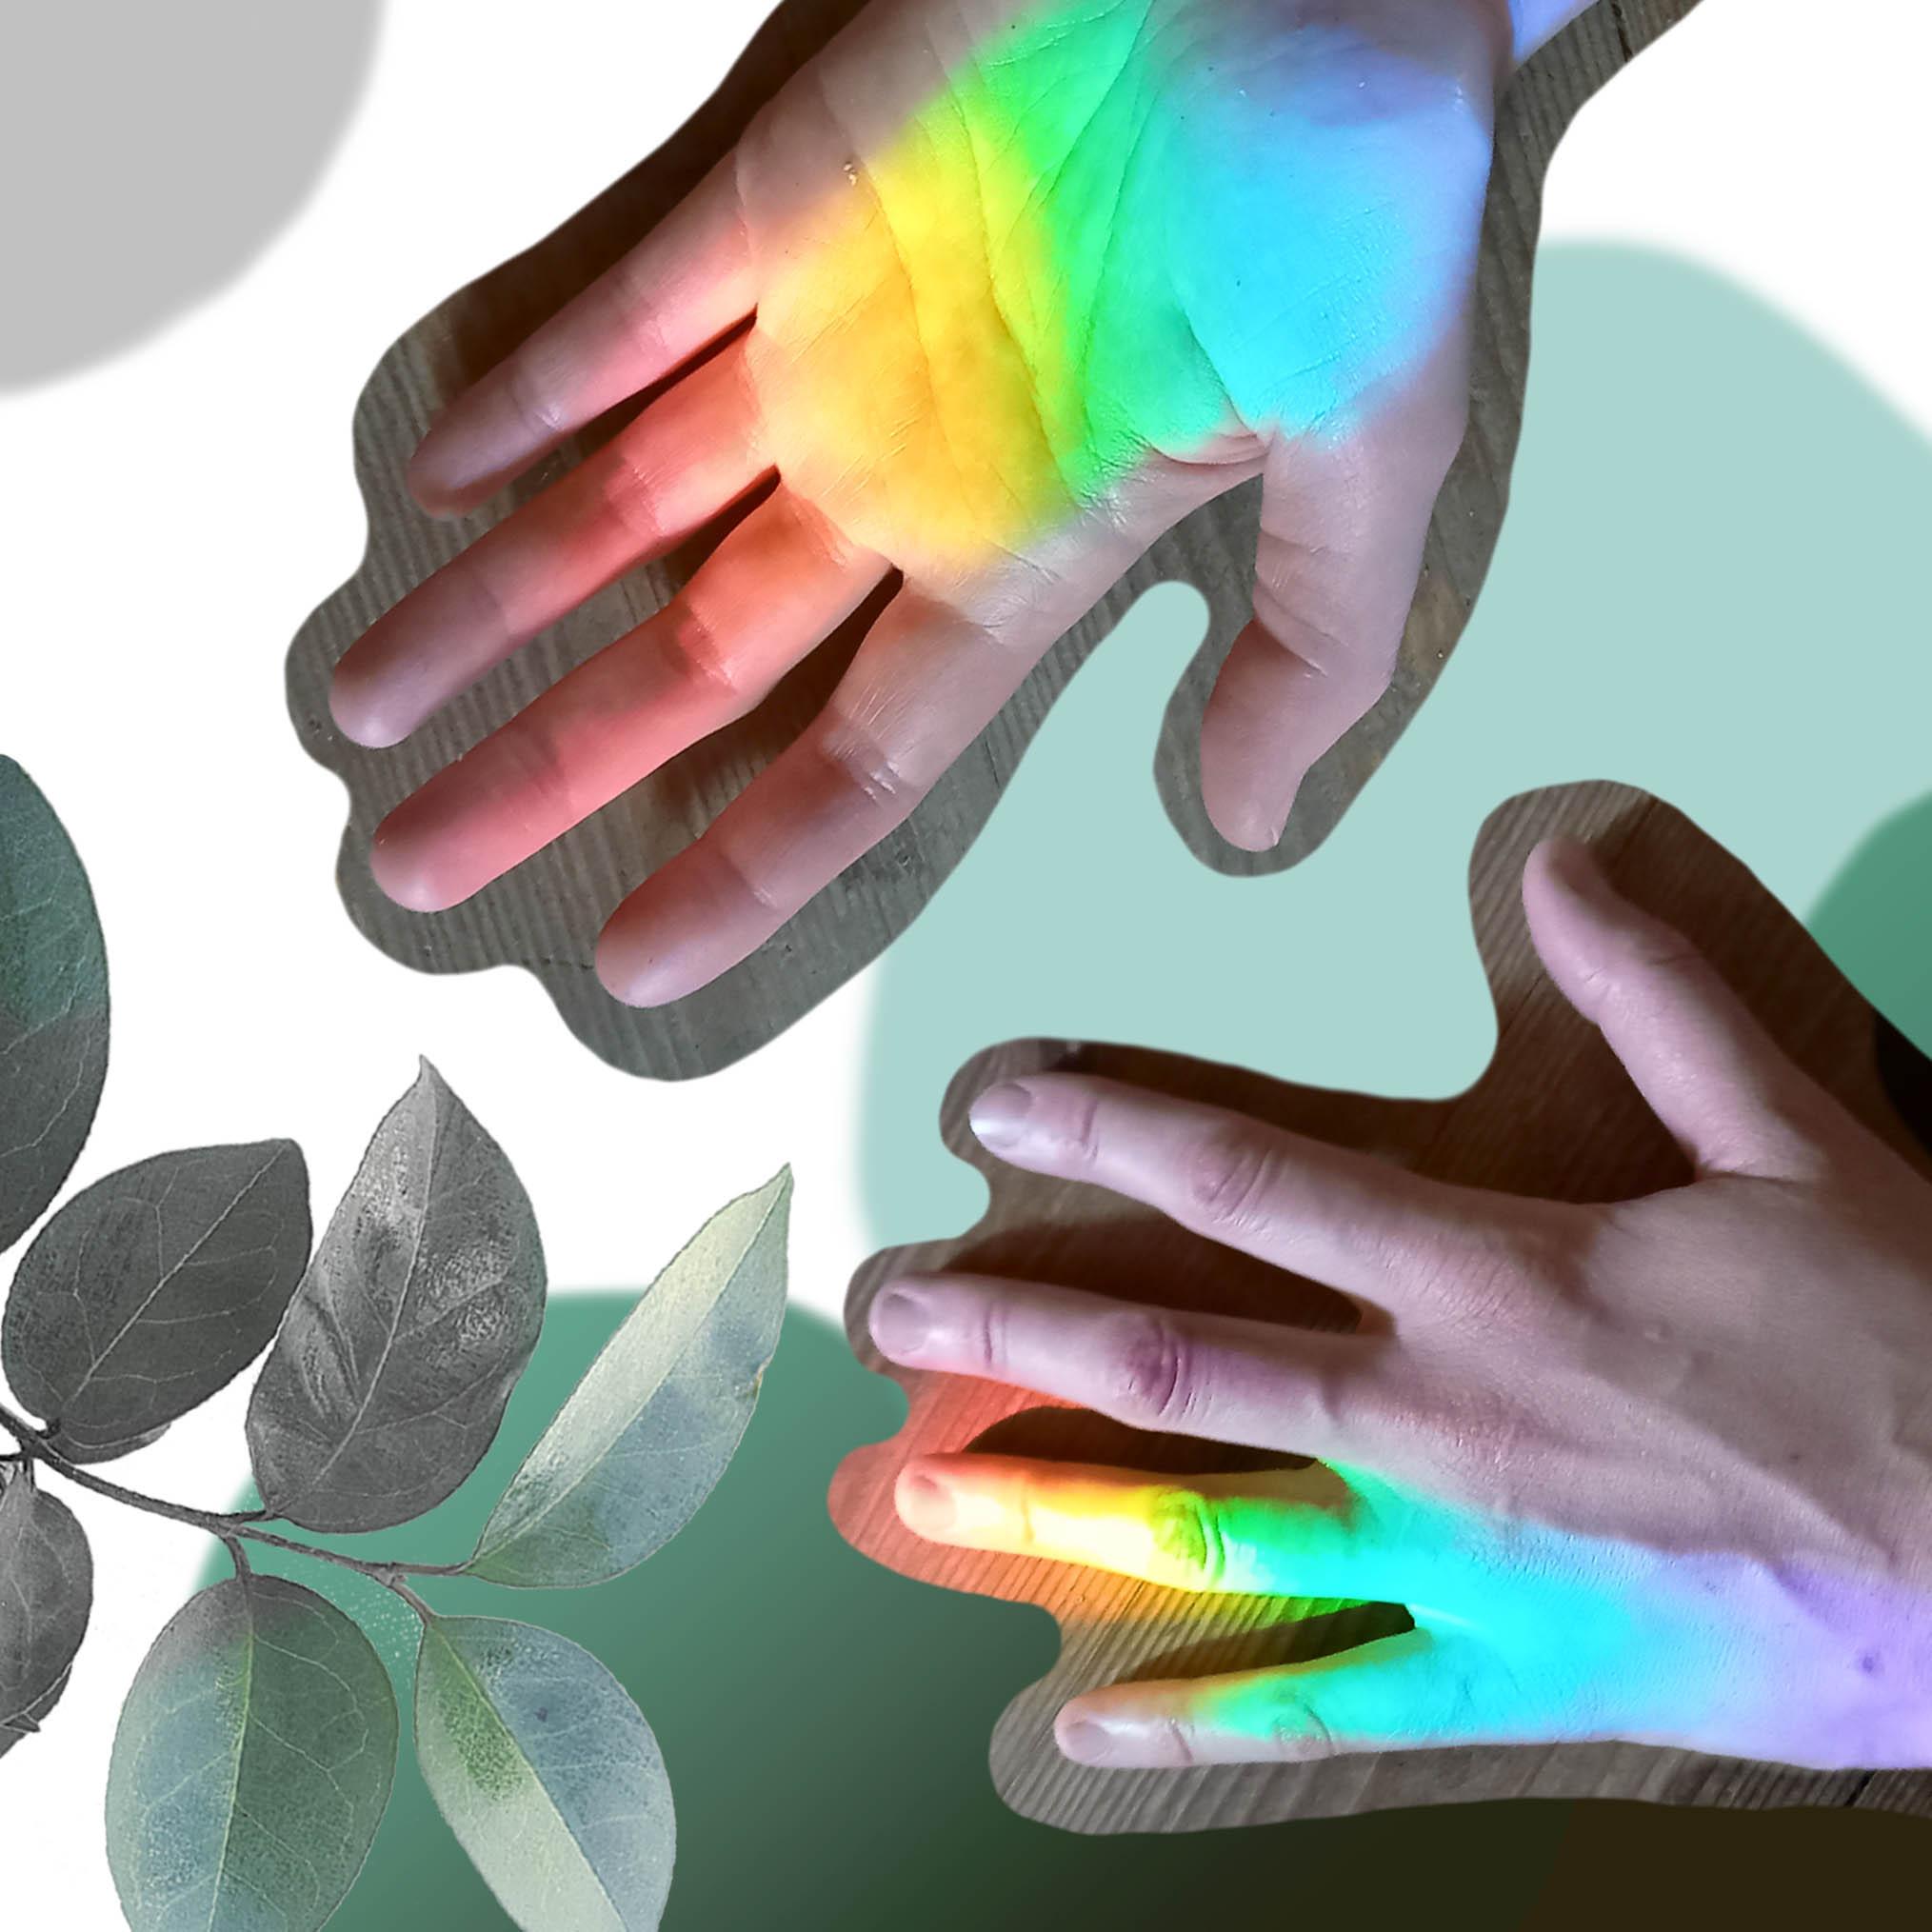 Dwie dłonie oświetlone tęczowym światłem, w lewym dolnym rogu zielona gałązka